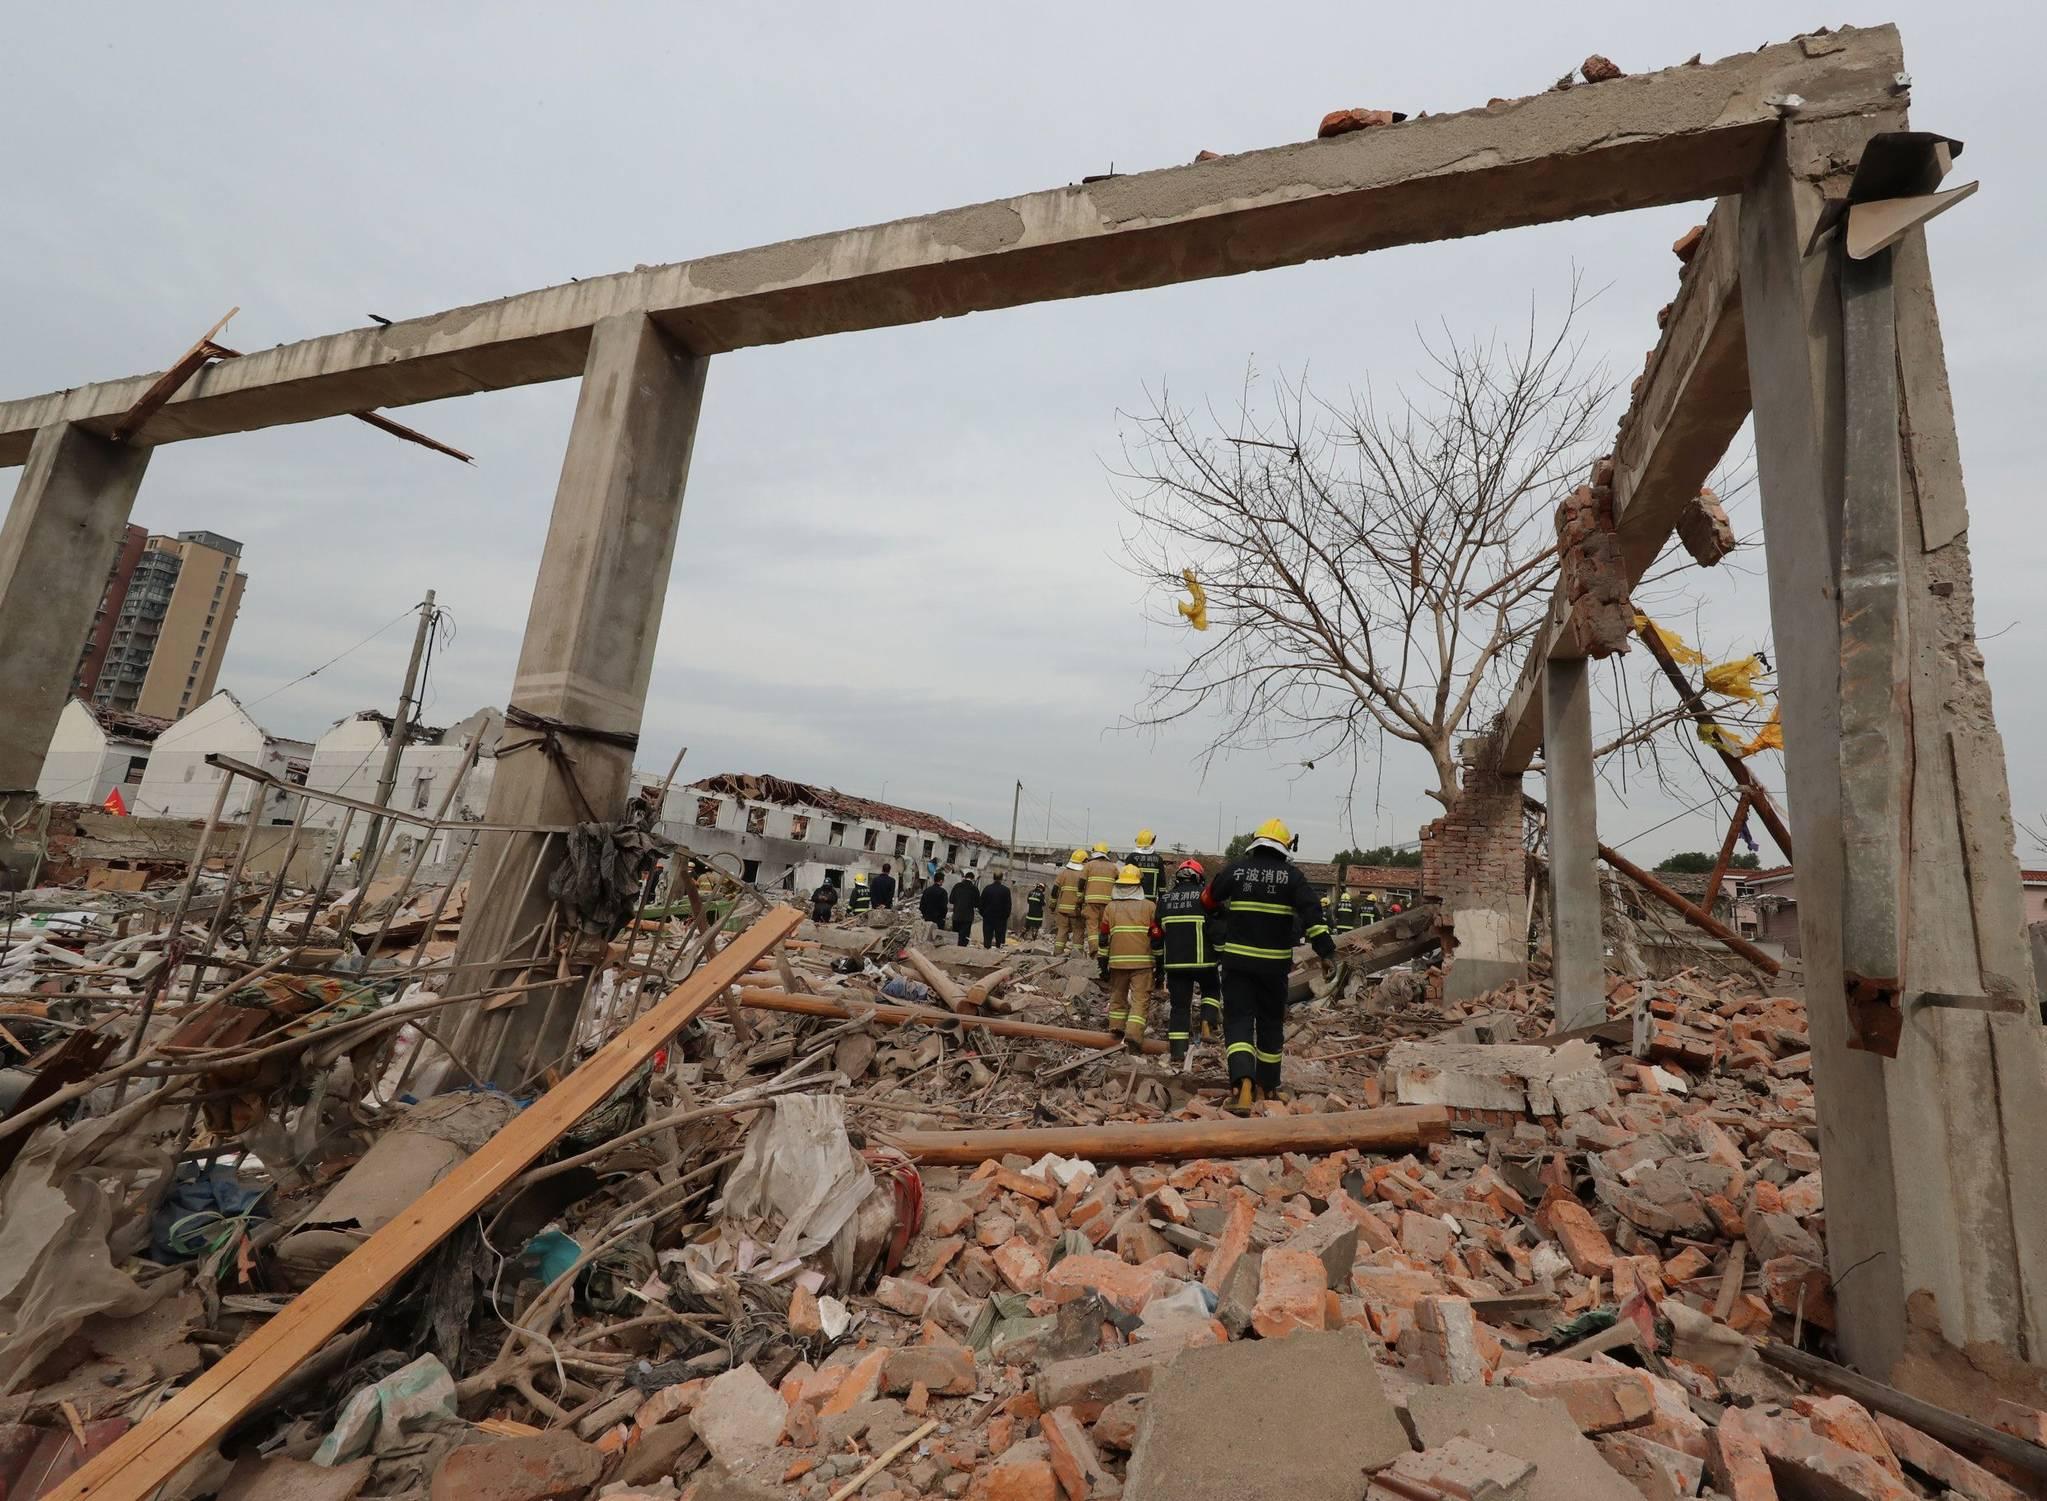 30여명의 사상자가 발생한 26일 중국 동부 저장성 닝보 폭발사고 현장. 공장부지에서 발생한 이날 폭발사고로 건물이 완전 붕괴됐다. [AFP=연합뉴스]